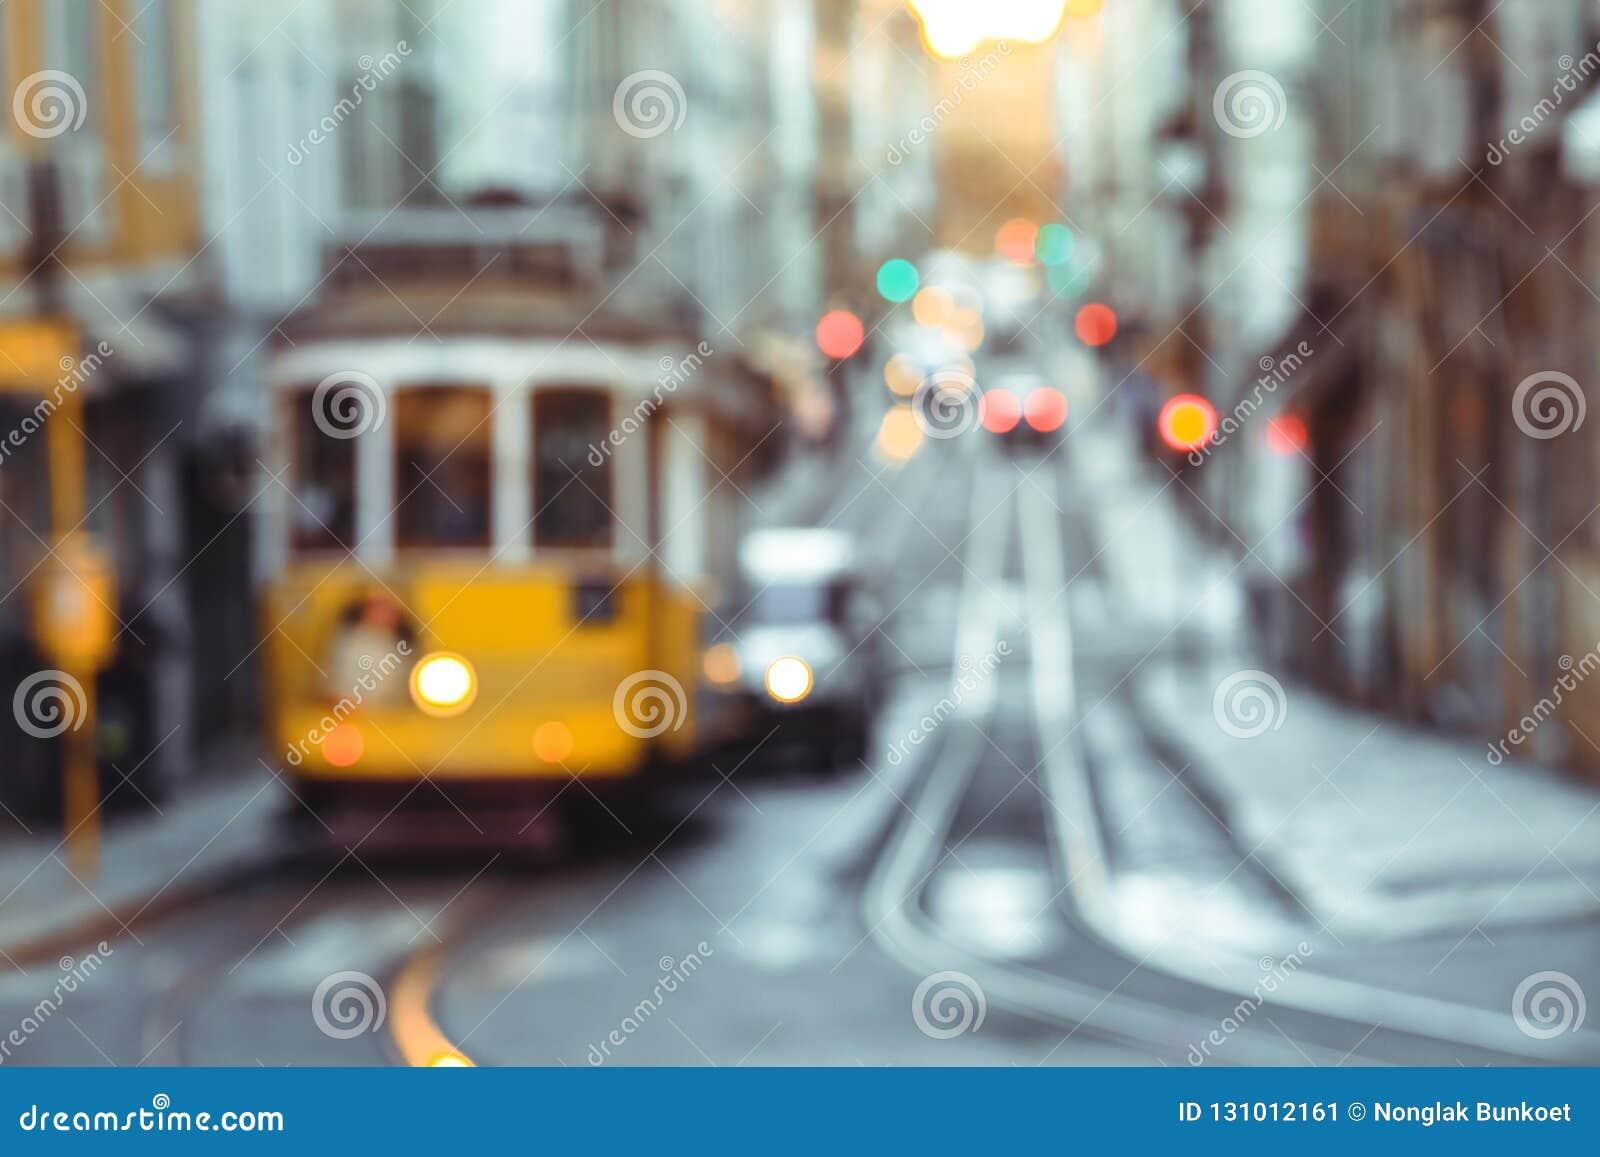 Gele tram van Route 28 op de straat van Lissabon